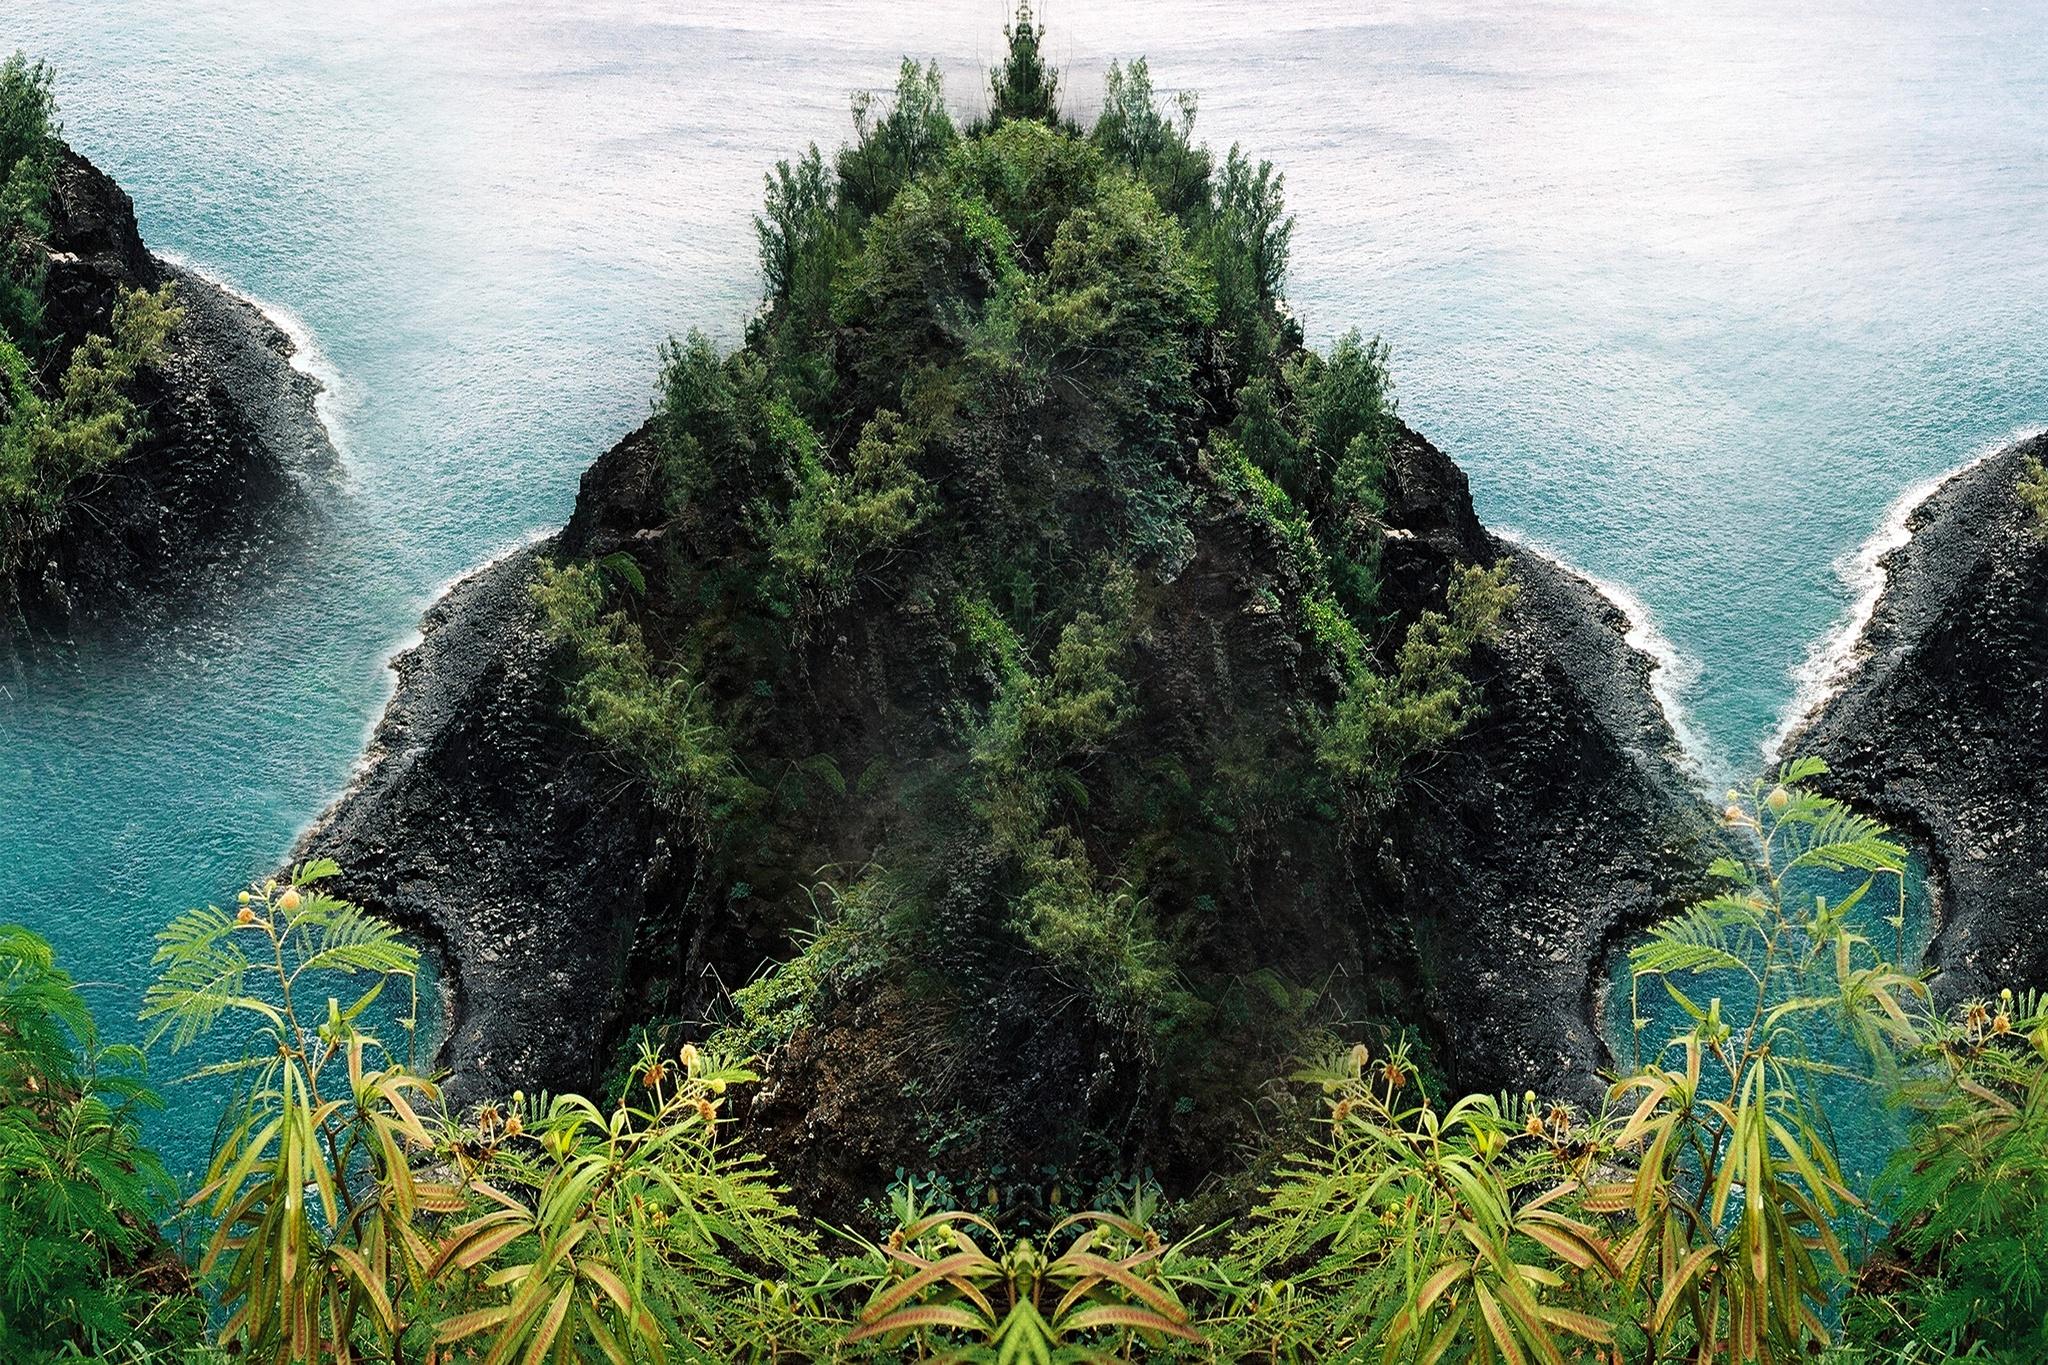 Beach Kauai by Dennis John Begnoche Jr.